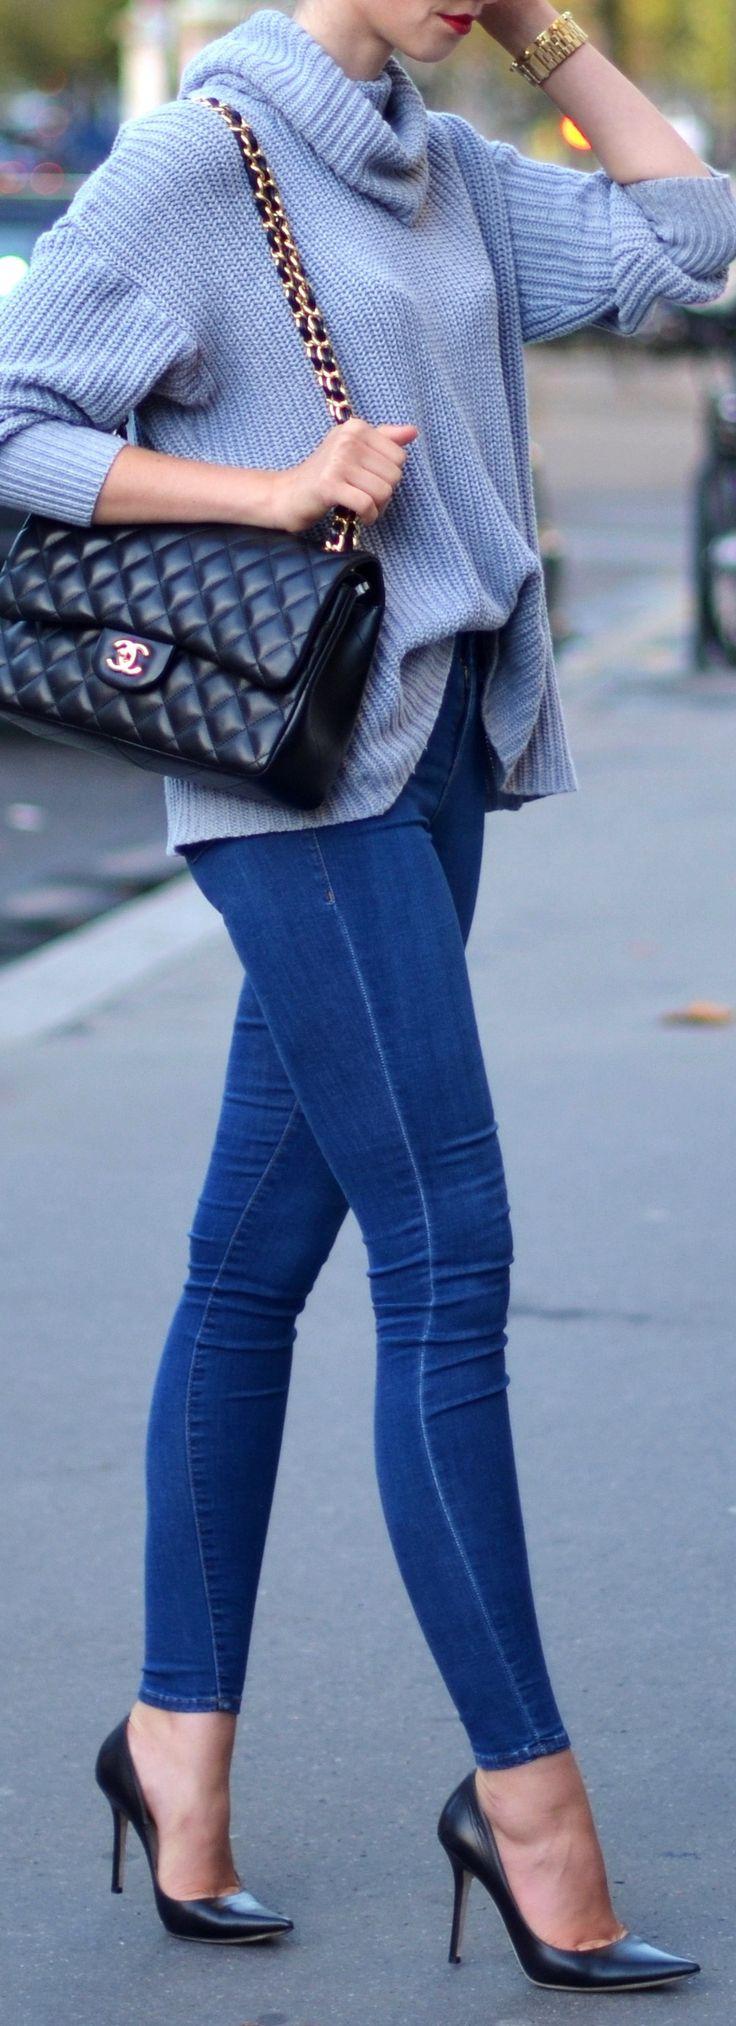 American Apparel turtle neck // Topshop jeans // Jimmy Choo heels